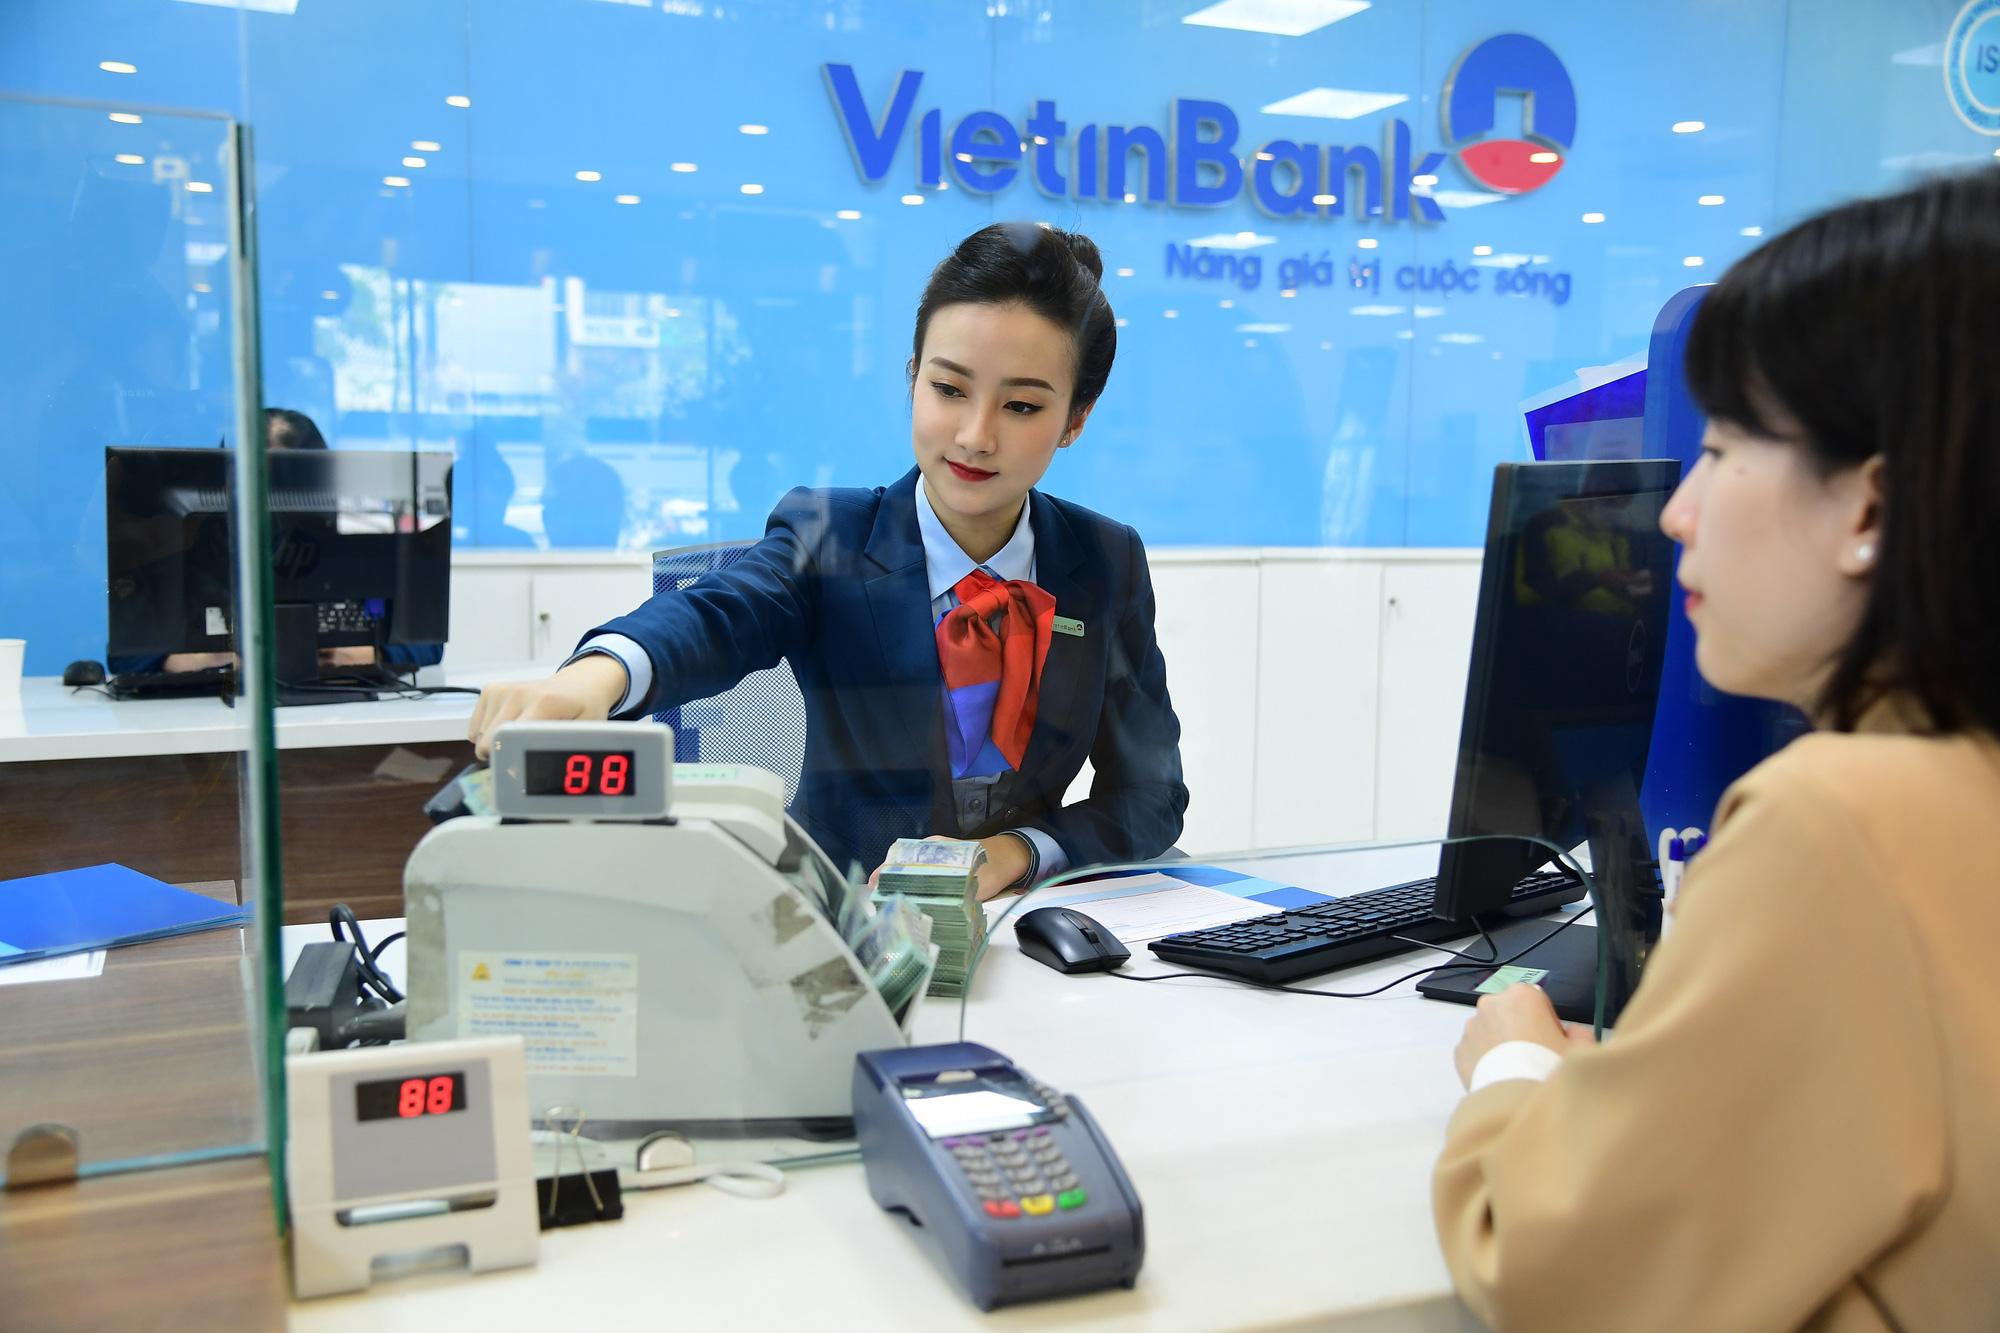 Lãi suất ngân hàng VietinBank tiếp tục giữ nguyên không đổi trong tháng 10/2021 - Ảnh 1.